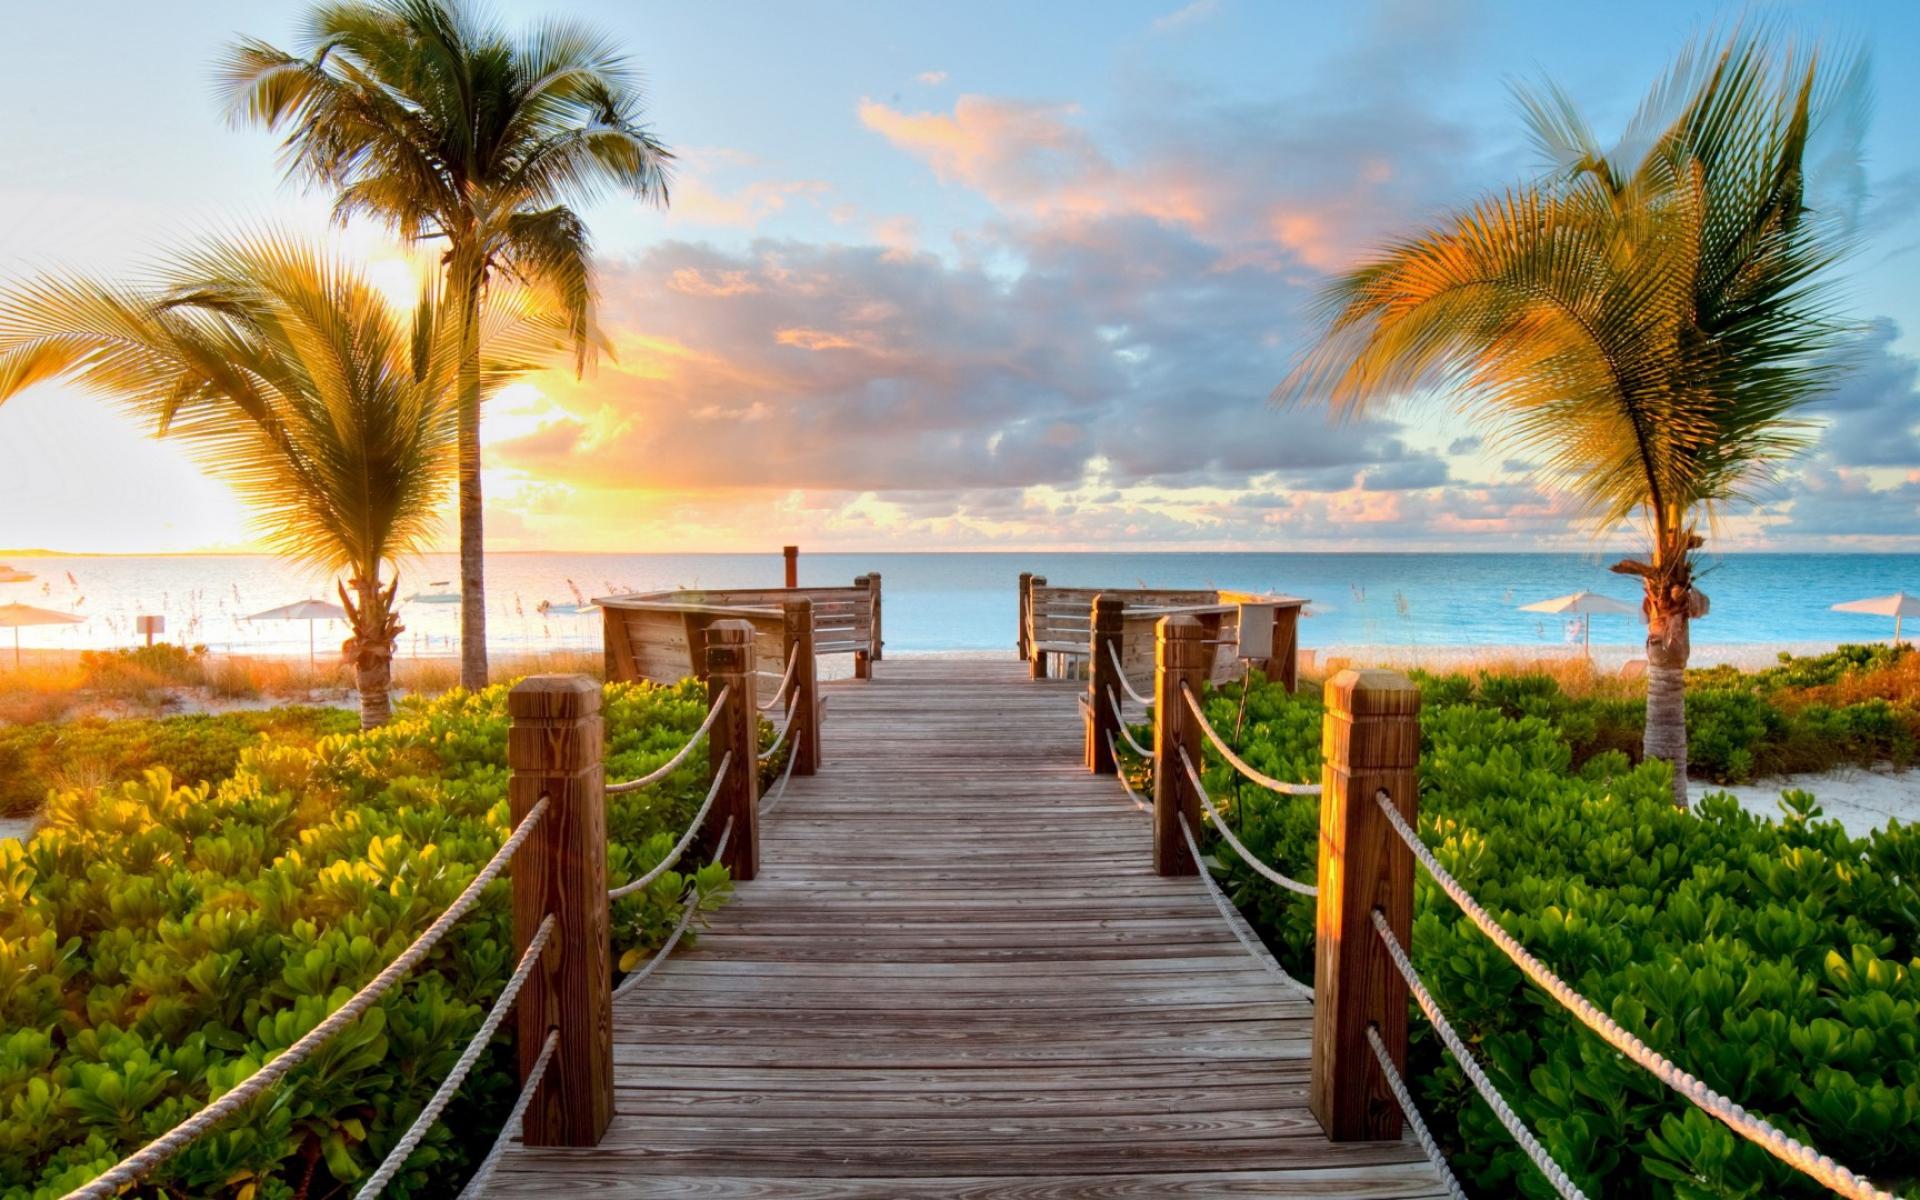 лето, шезлонг, Пальмы, пляж, обои, песок, багамы, океан, навес ... | 1200x1920